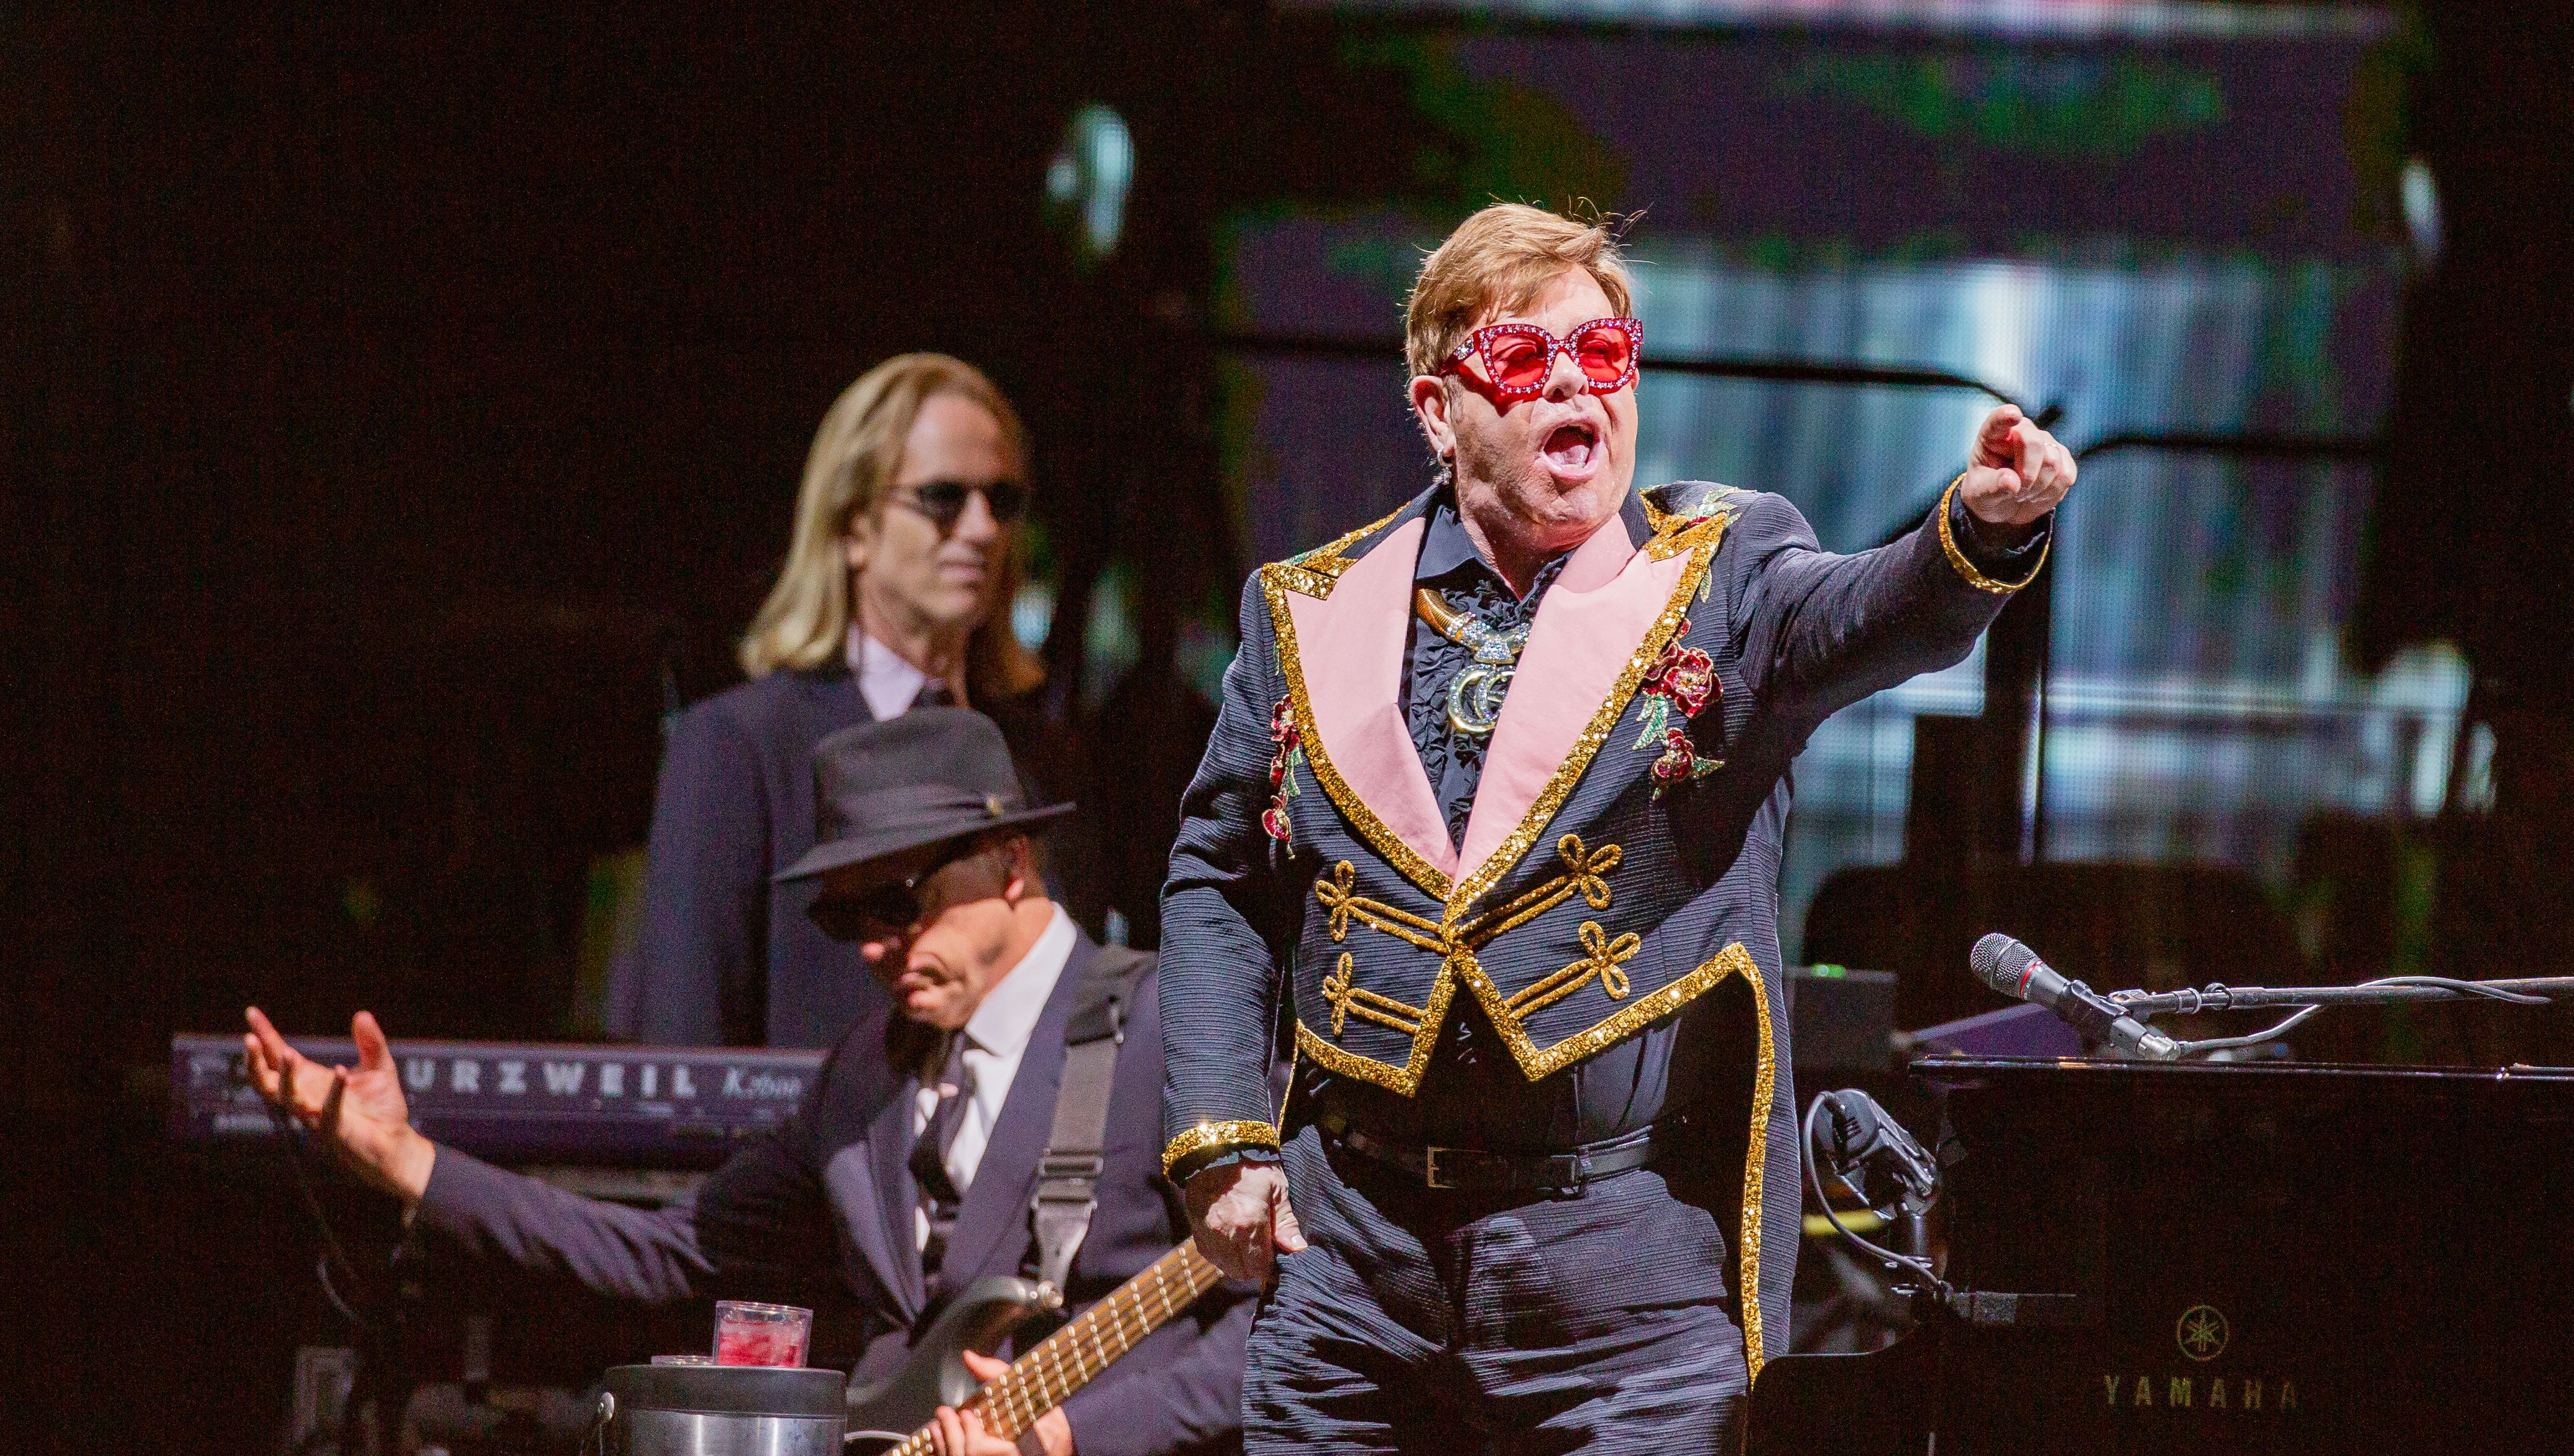 Elton John, Olivia Newton-John Named to Queen's New Year's Honours List - EpicNews